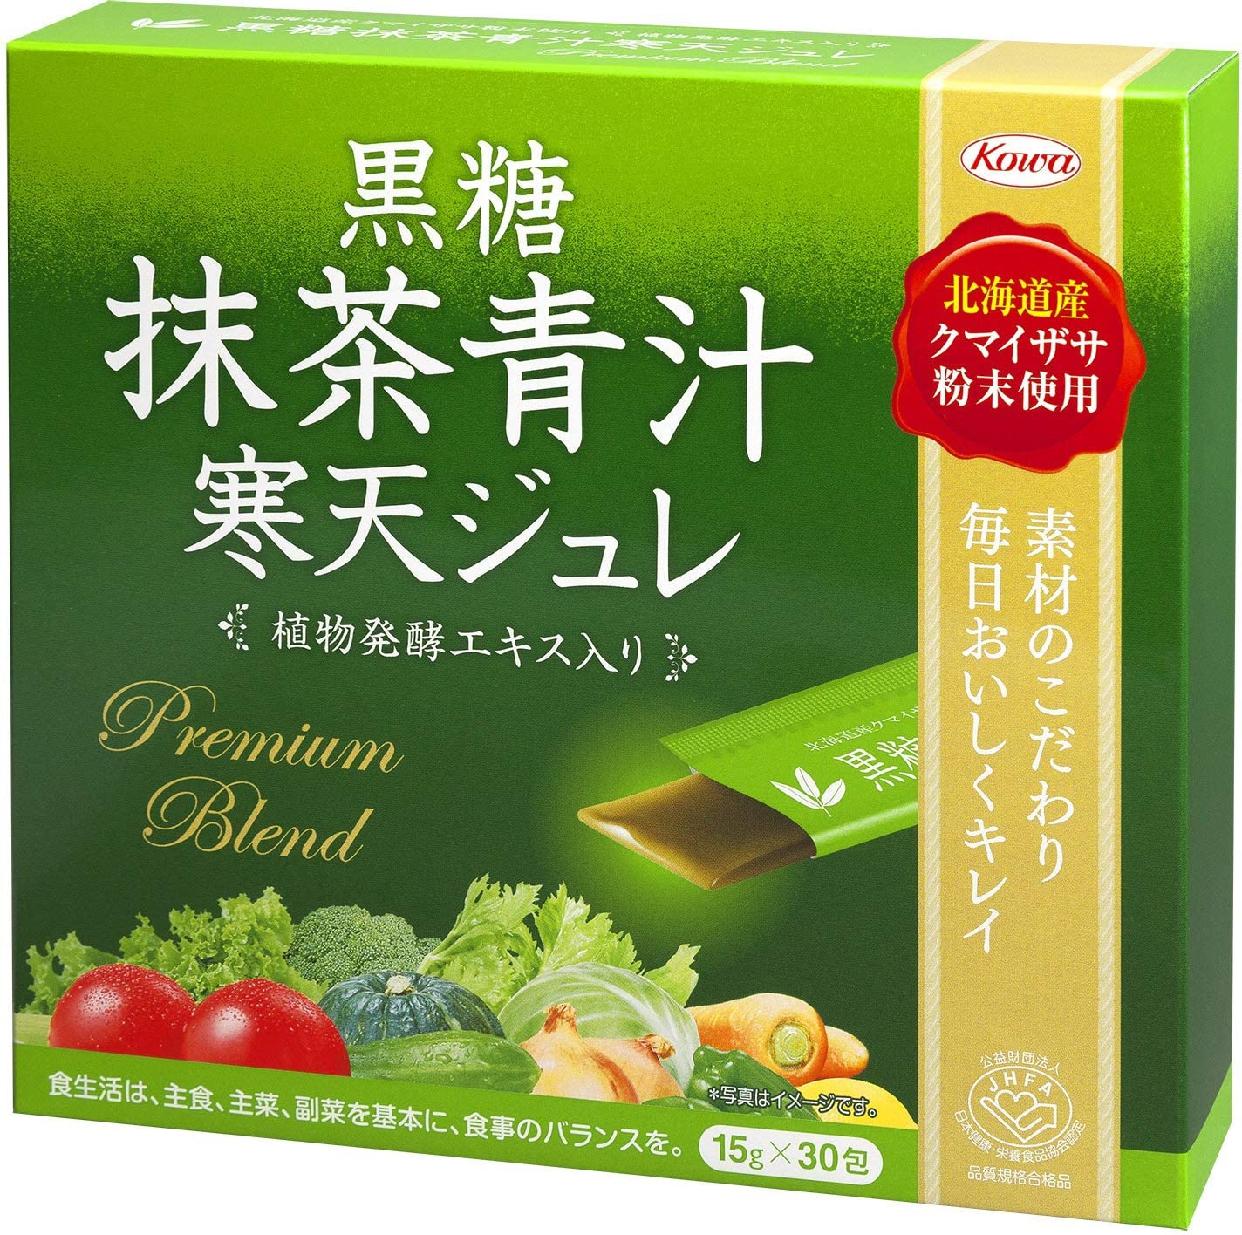 興和(kowa) 黒糖 抹茶青汁 寒天ジュレの商品画像